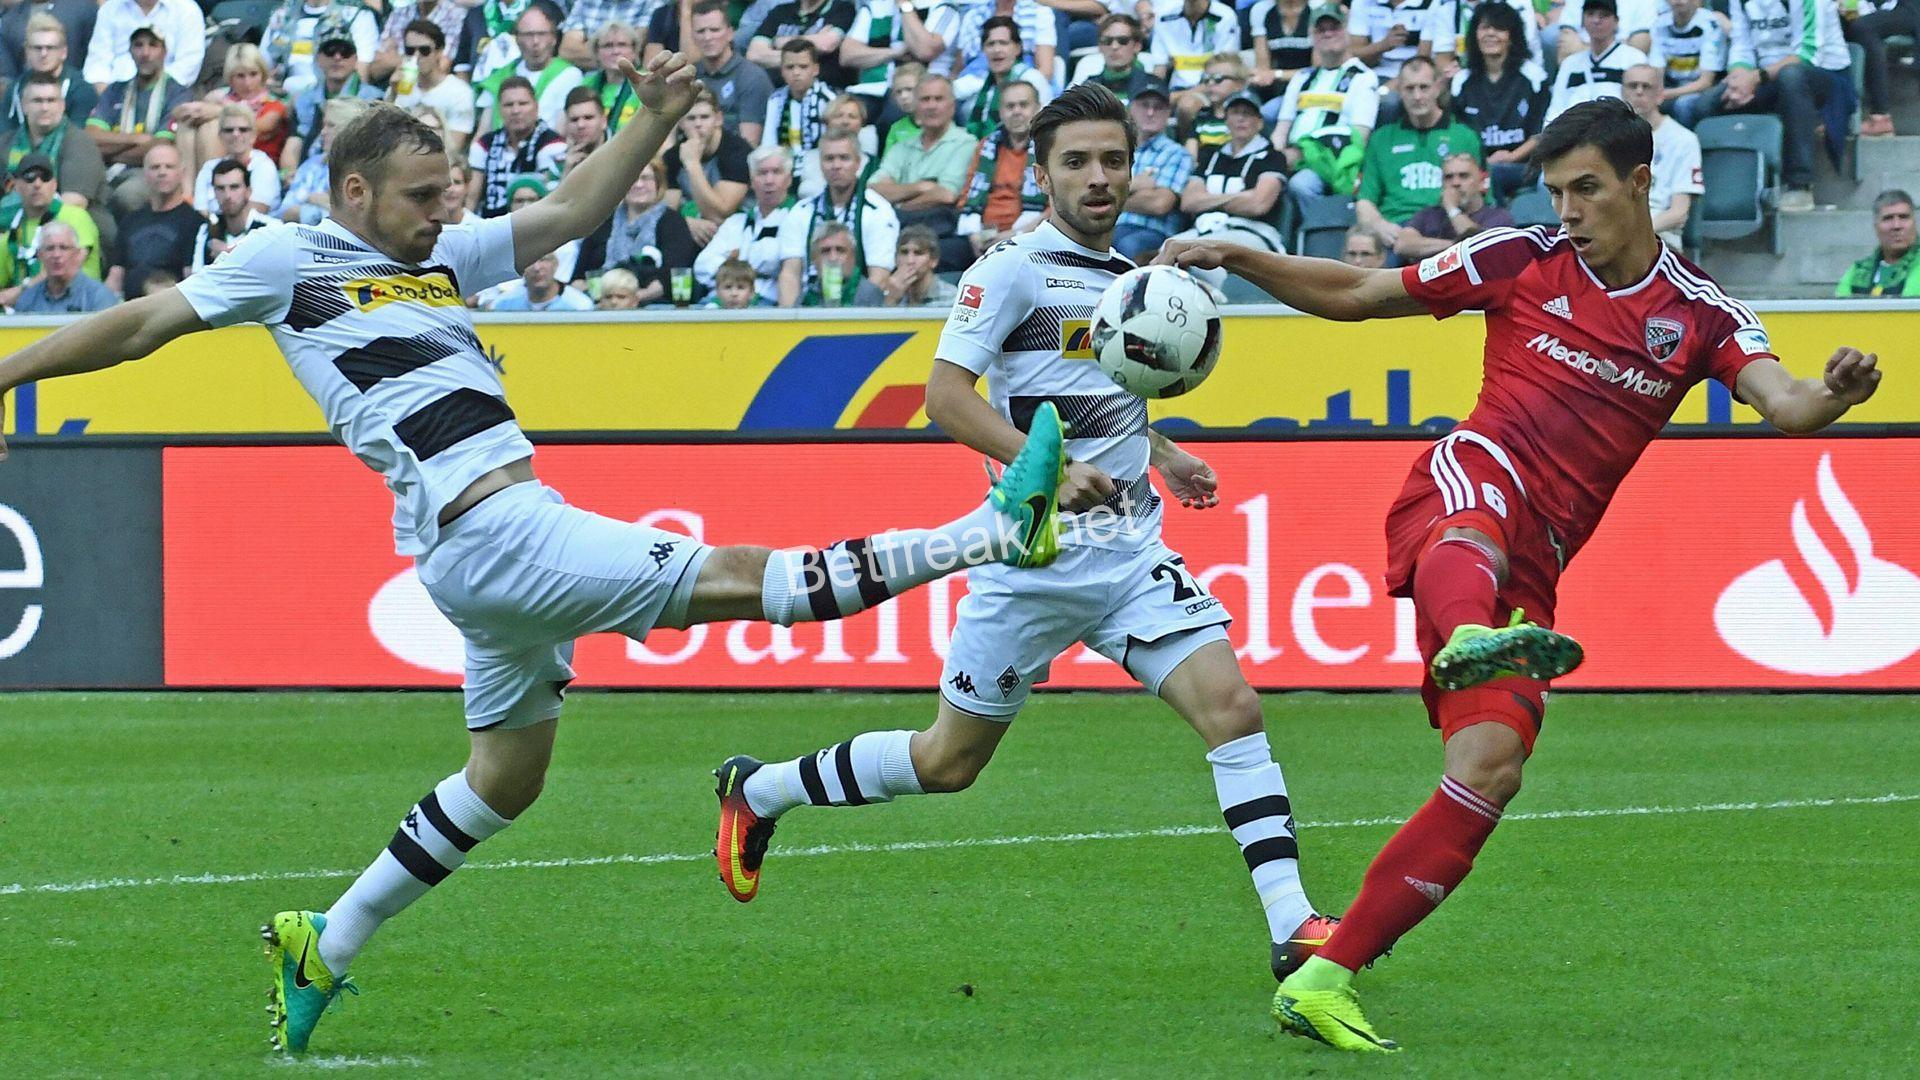 Dortmund vs ingolstadt betting tips premade server 1-3 2-4 betting system